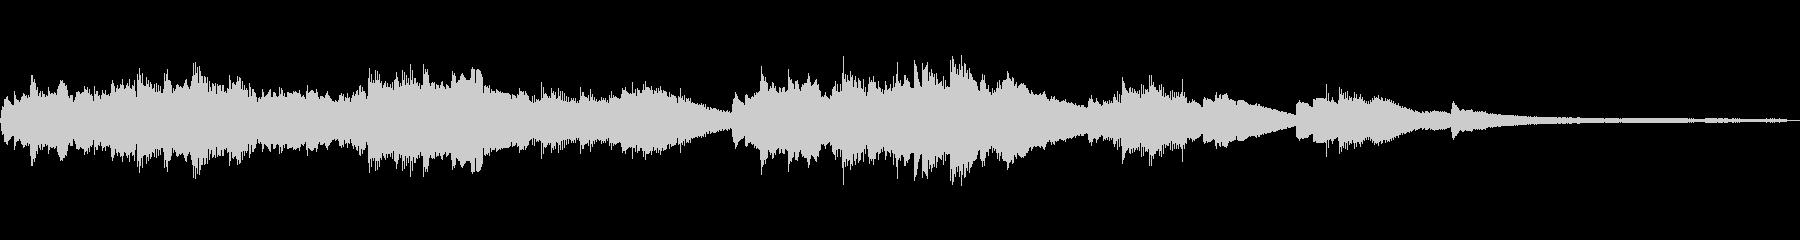 流れ落ちる和風ジングル48-ピアノソロの未再生の波形